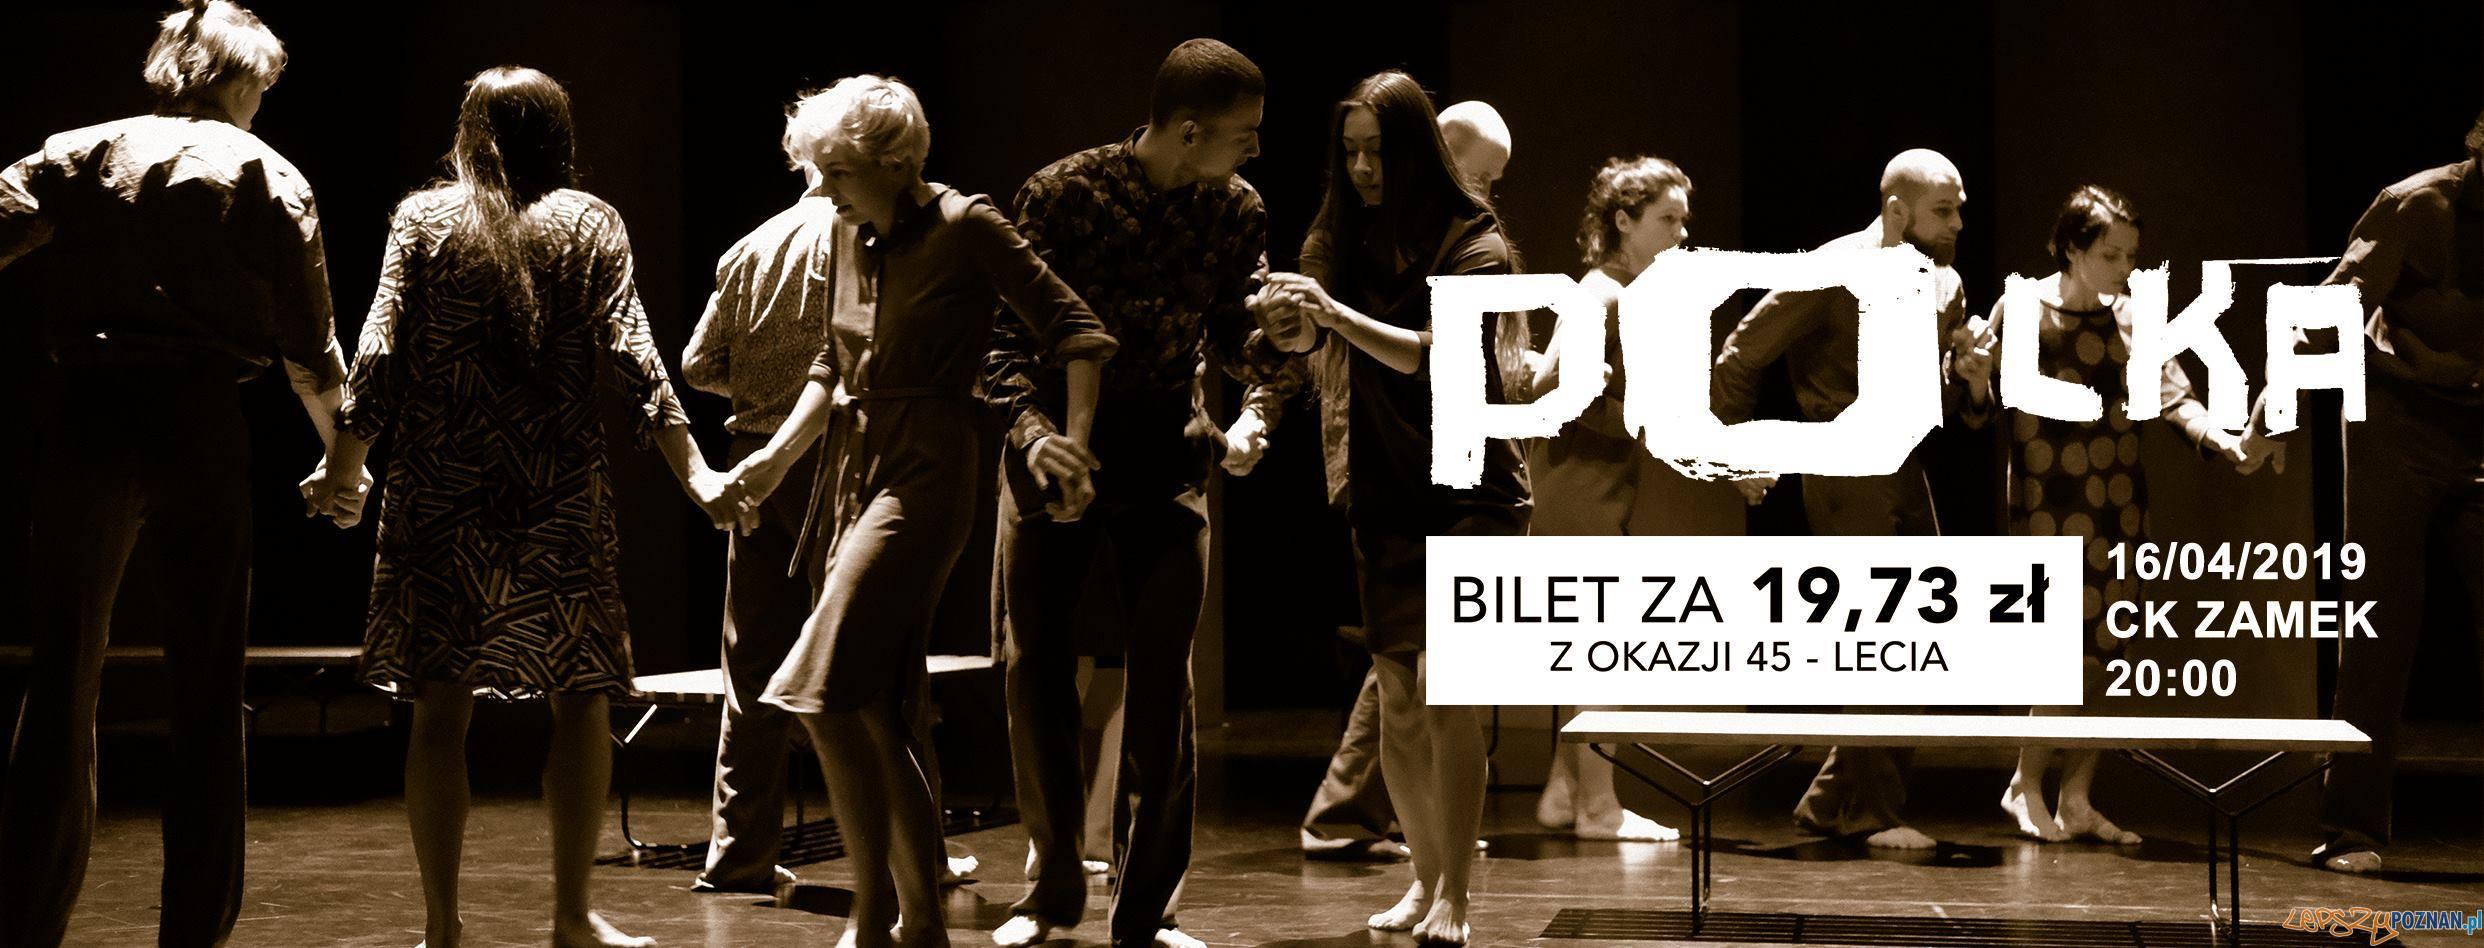 Spektakl Polka  Foto: materiały prasowe